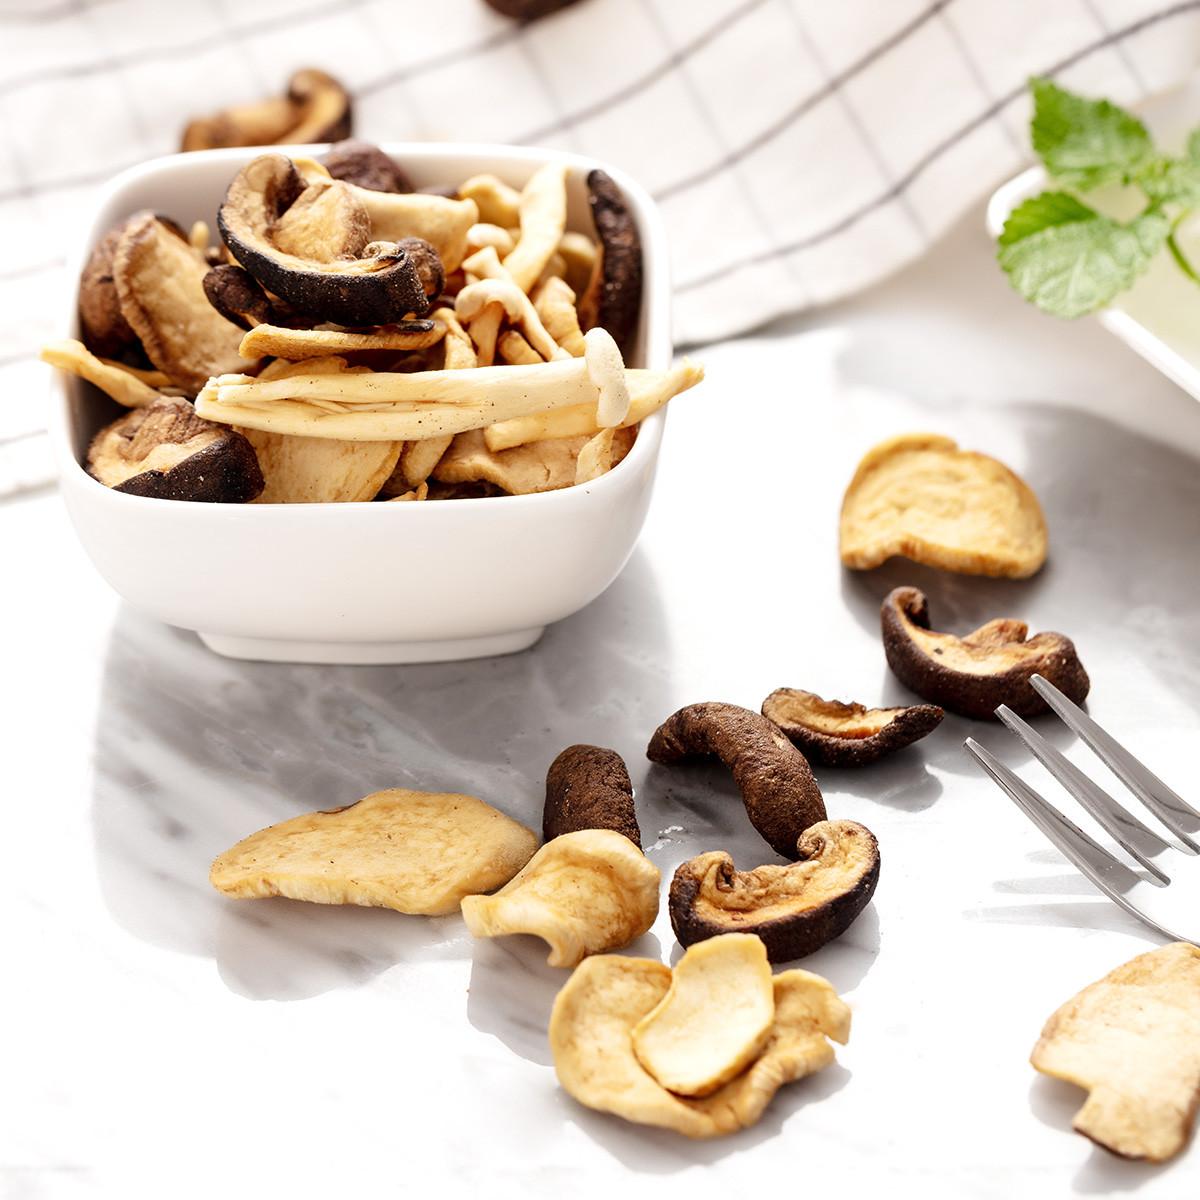 名创优品MINISO名创优品 混合菇类60g 风味休闲零食小吃0900008231